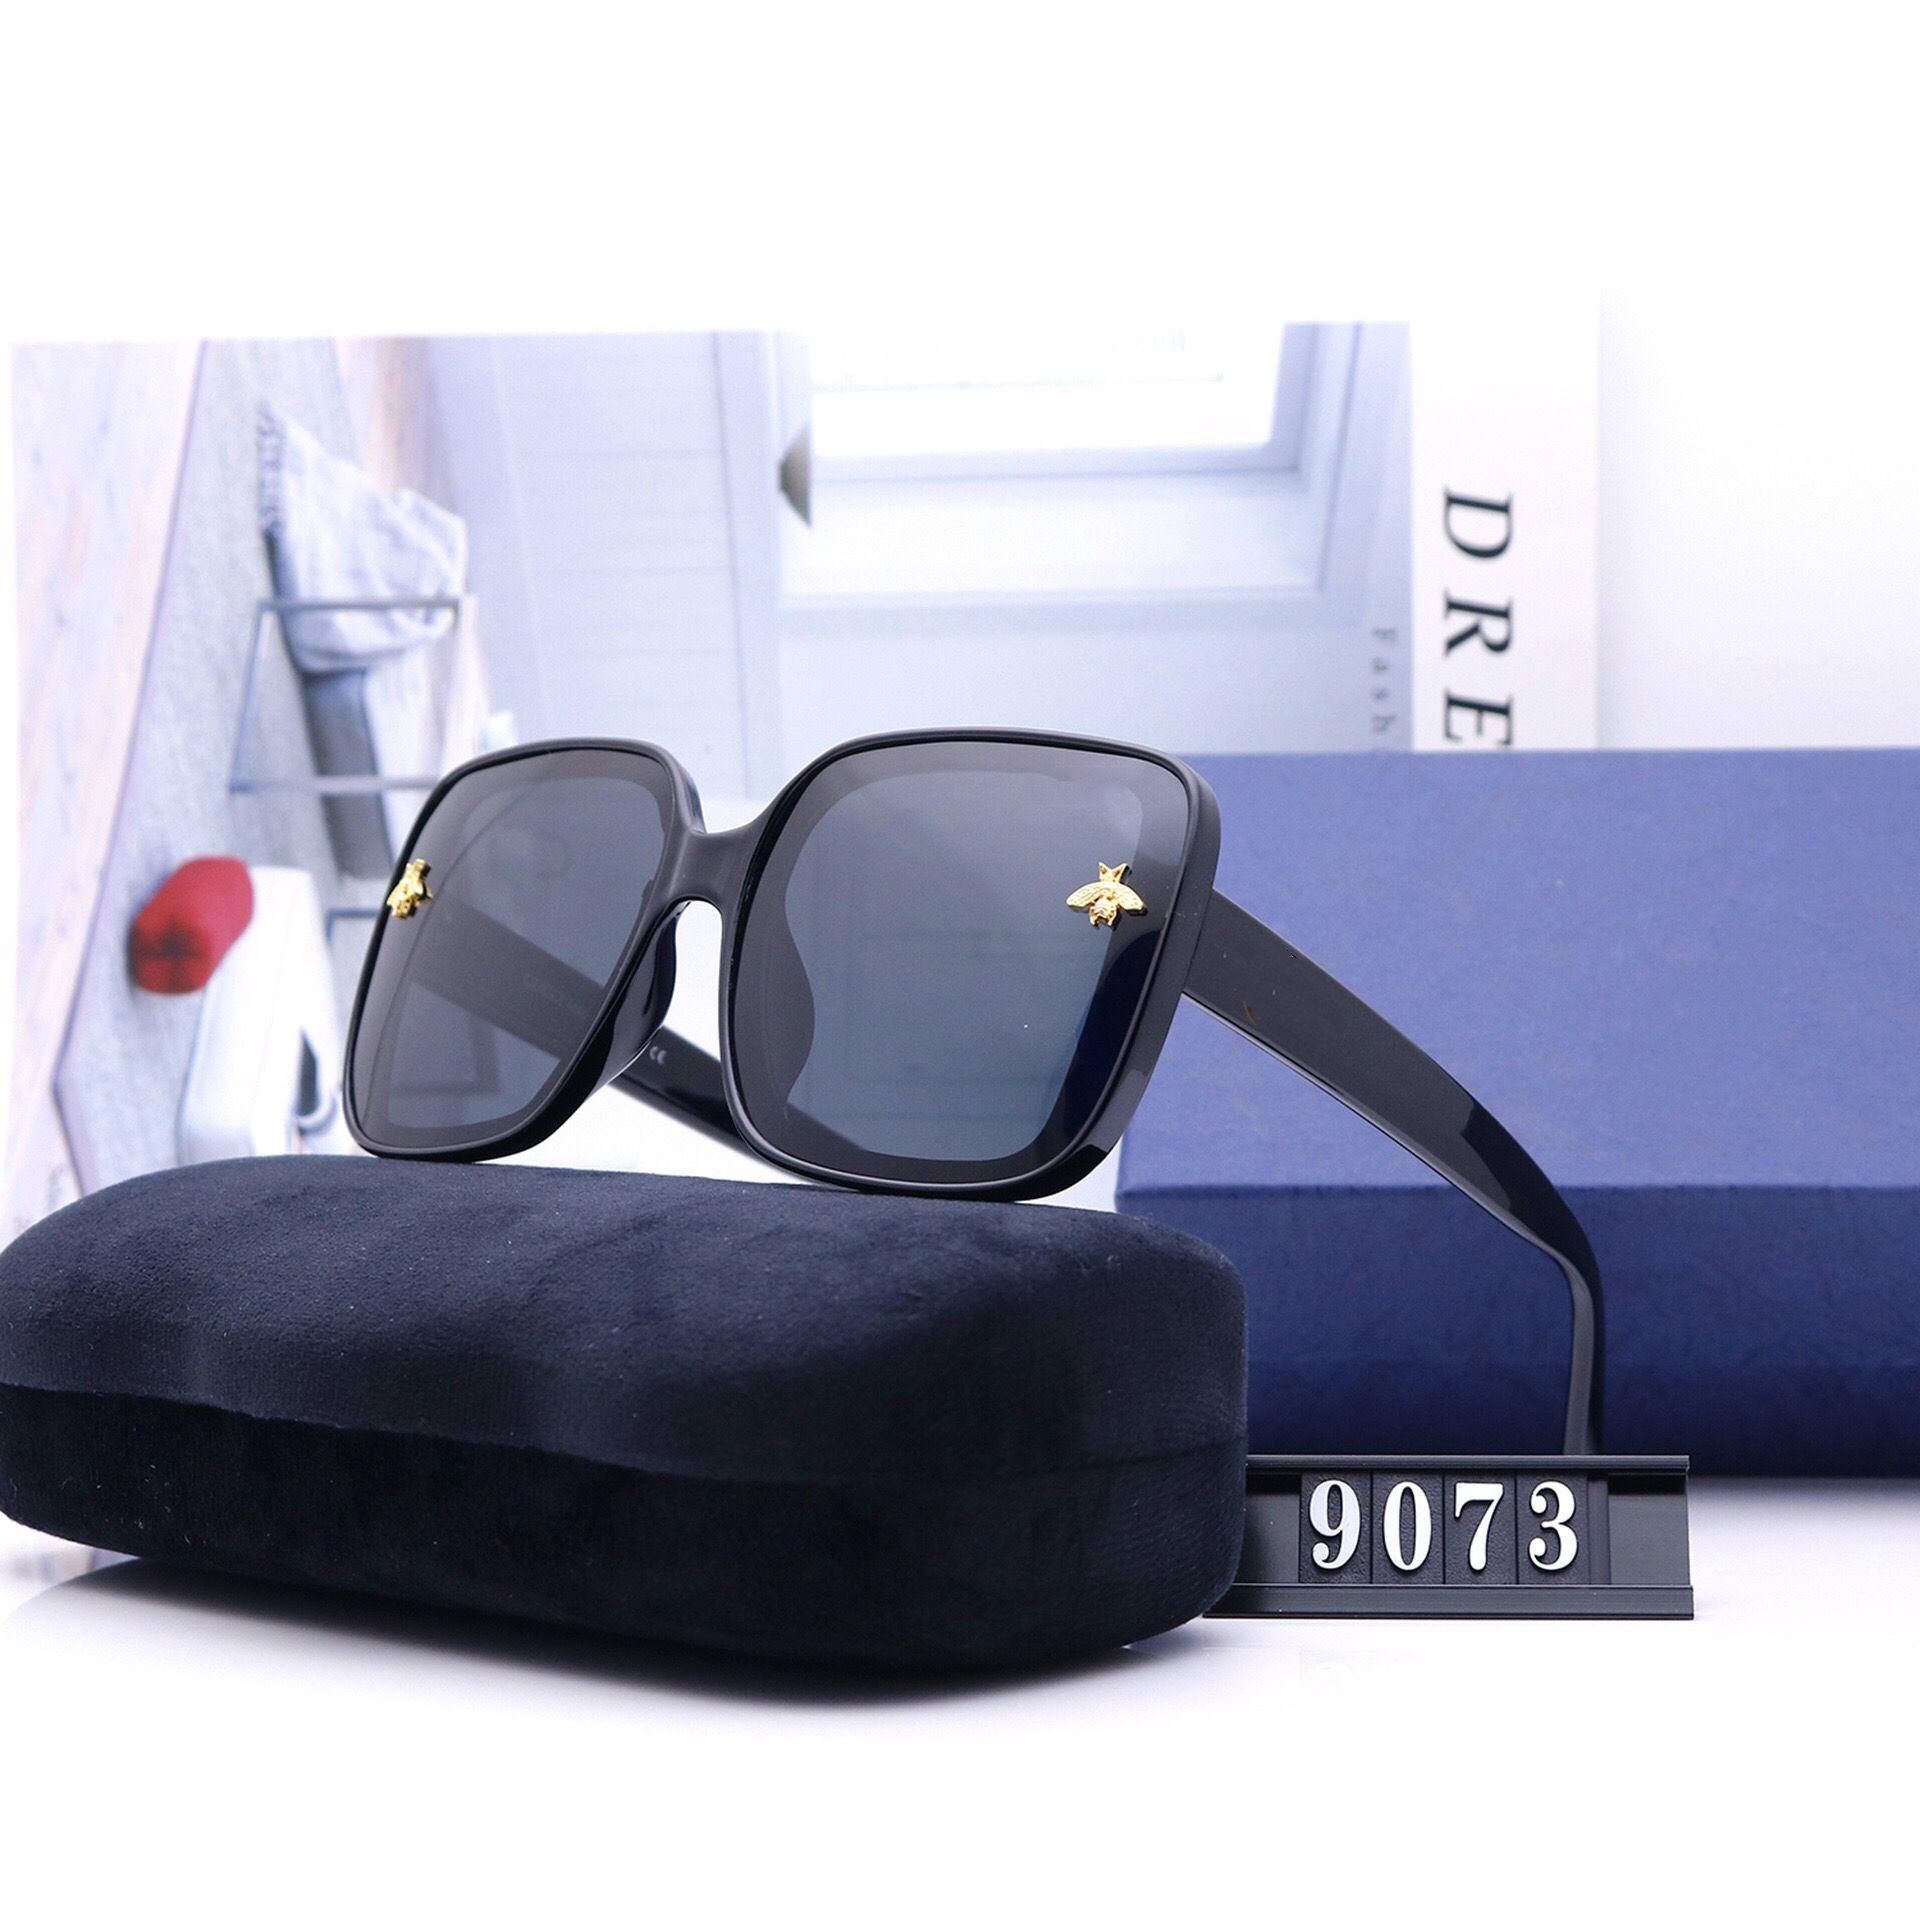 caldo di vendita degli occhiali da sole di alta qualità in stile classico pilota progettista delle donne degli uomini lenti polarizzate Occhiali da sole Eyewear di vetro del metallo occhiali da sole